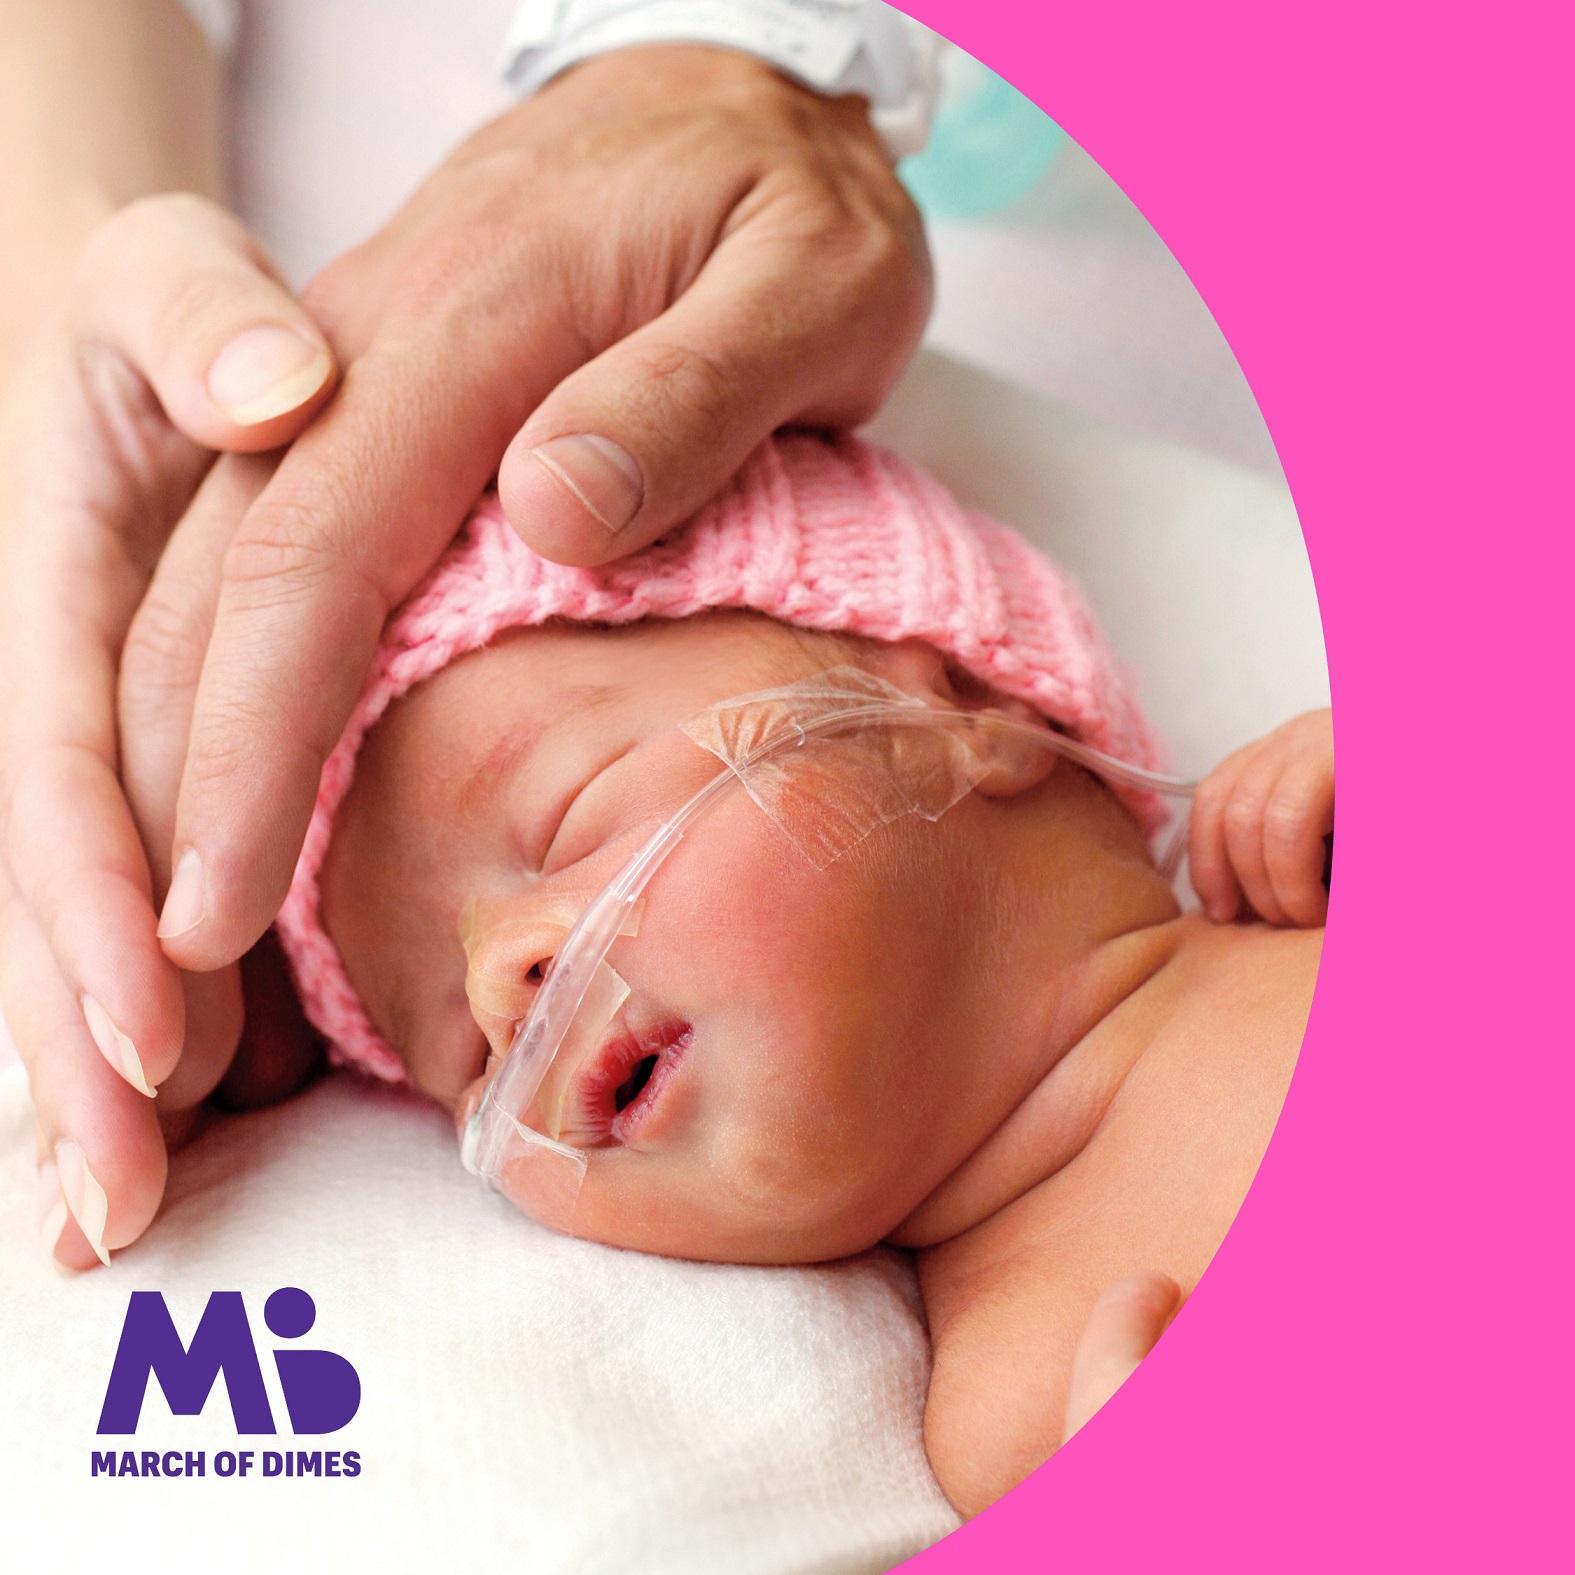 Boletín de Calificaciones sobre el Nacimiento prematuroen los EE.UU.